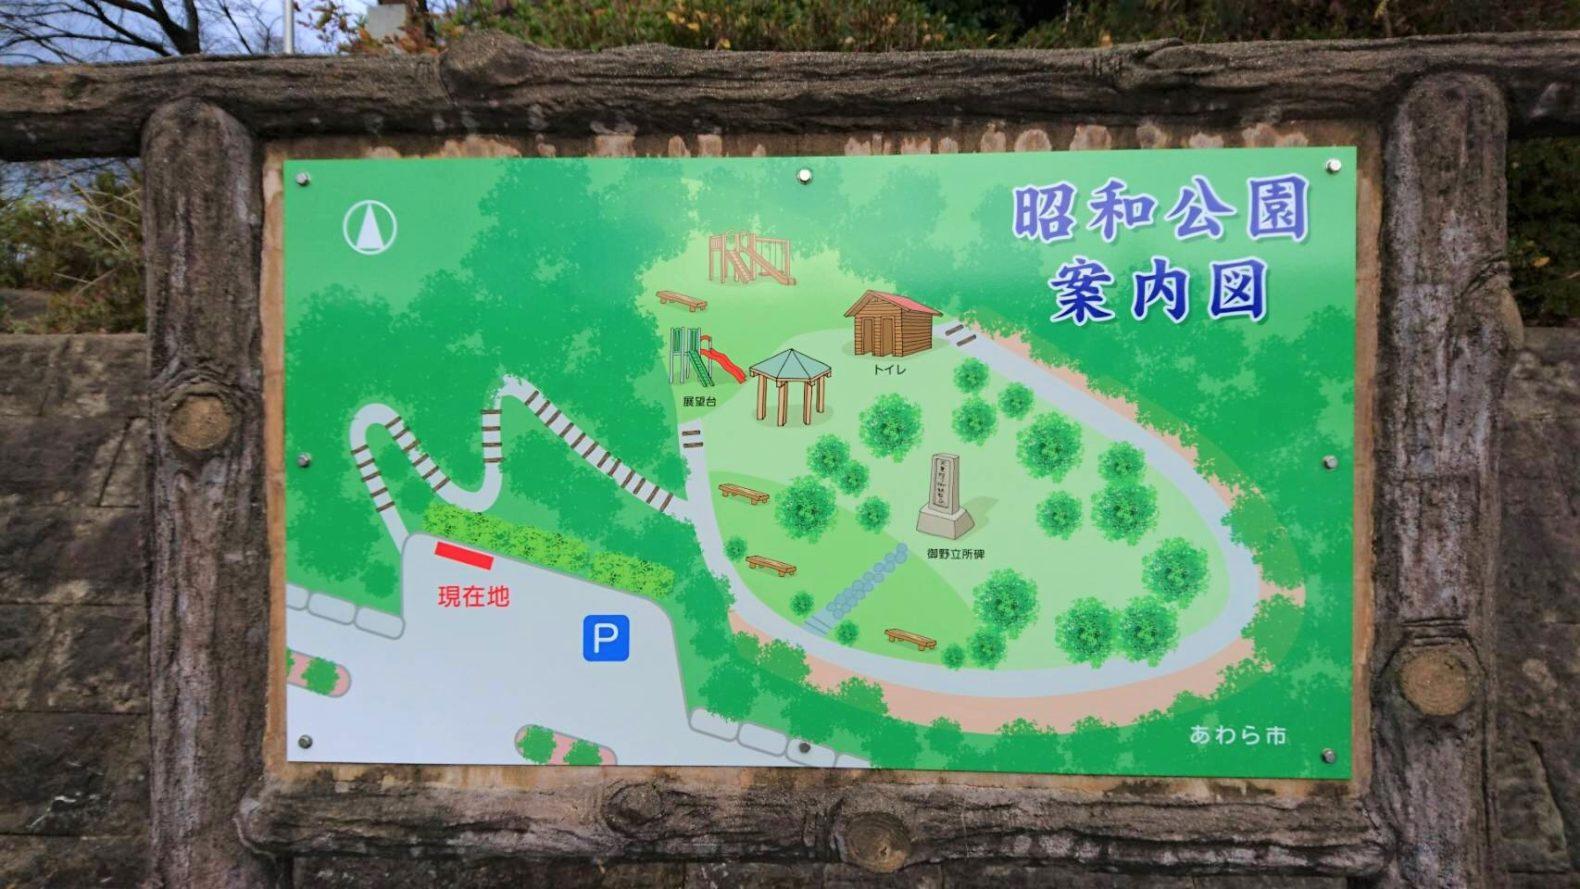 昭和公園(新幹線高架橋を見晴らす遊具(展望台)が誕生!)